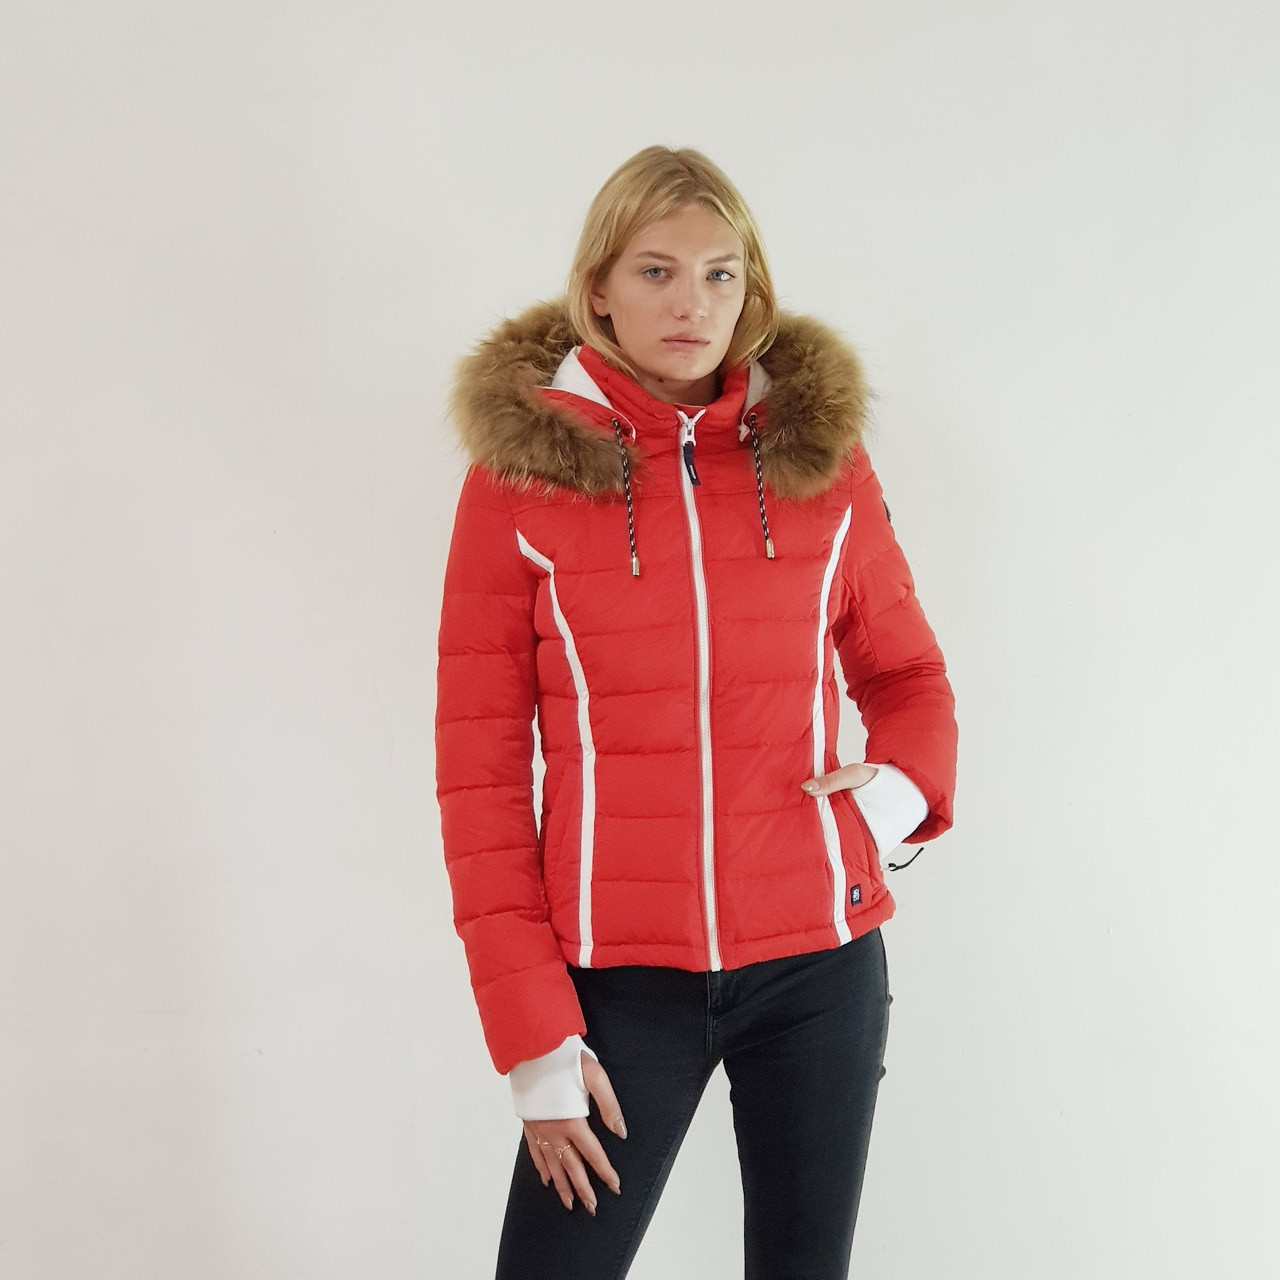 Пуховик женский зима короткий Snowimage с капюшоном и натуральным мехом (енот) красный, распродажа